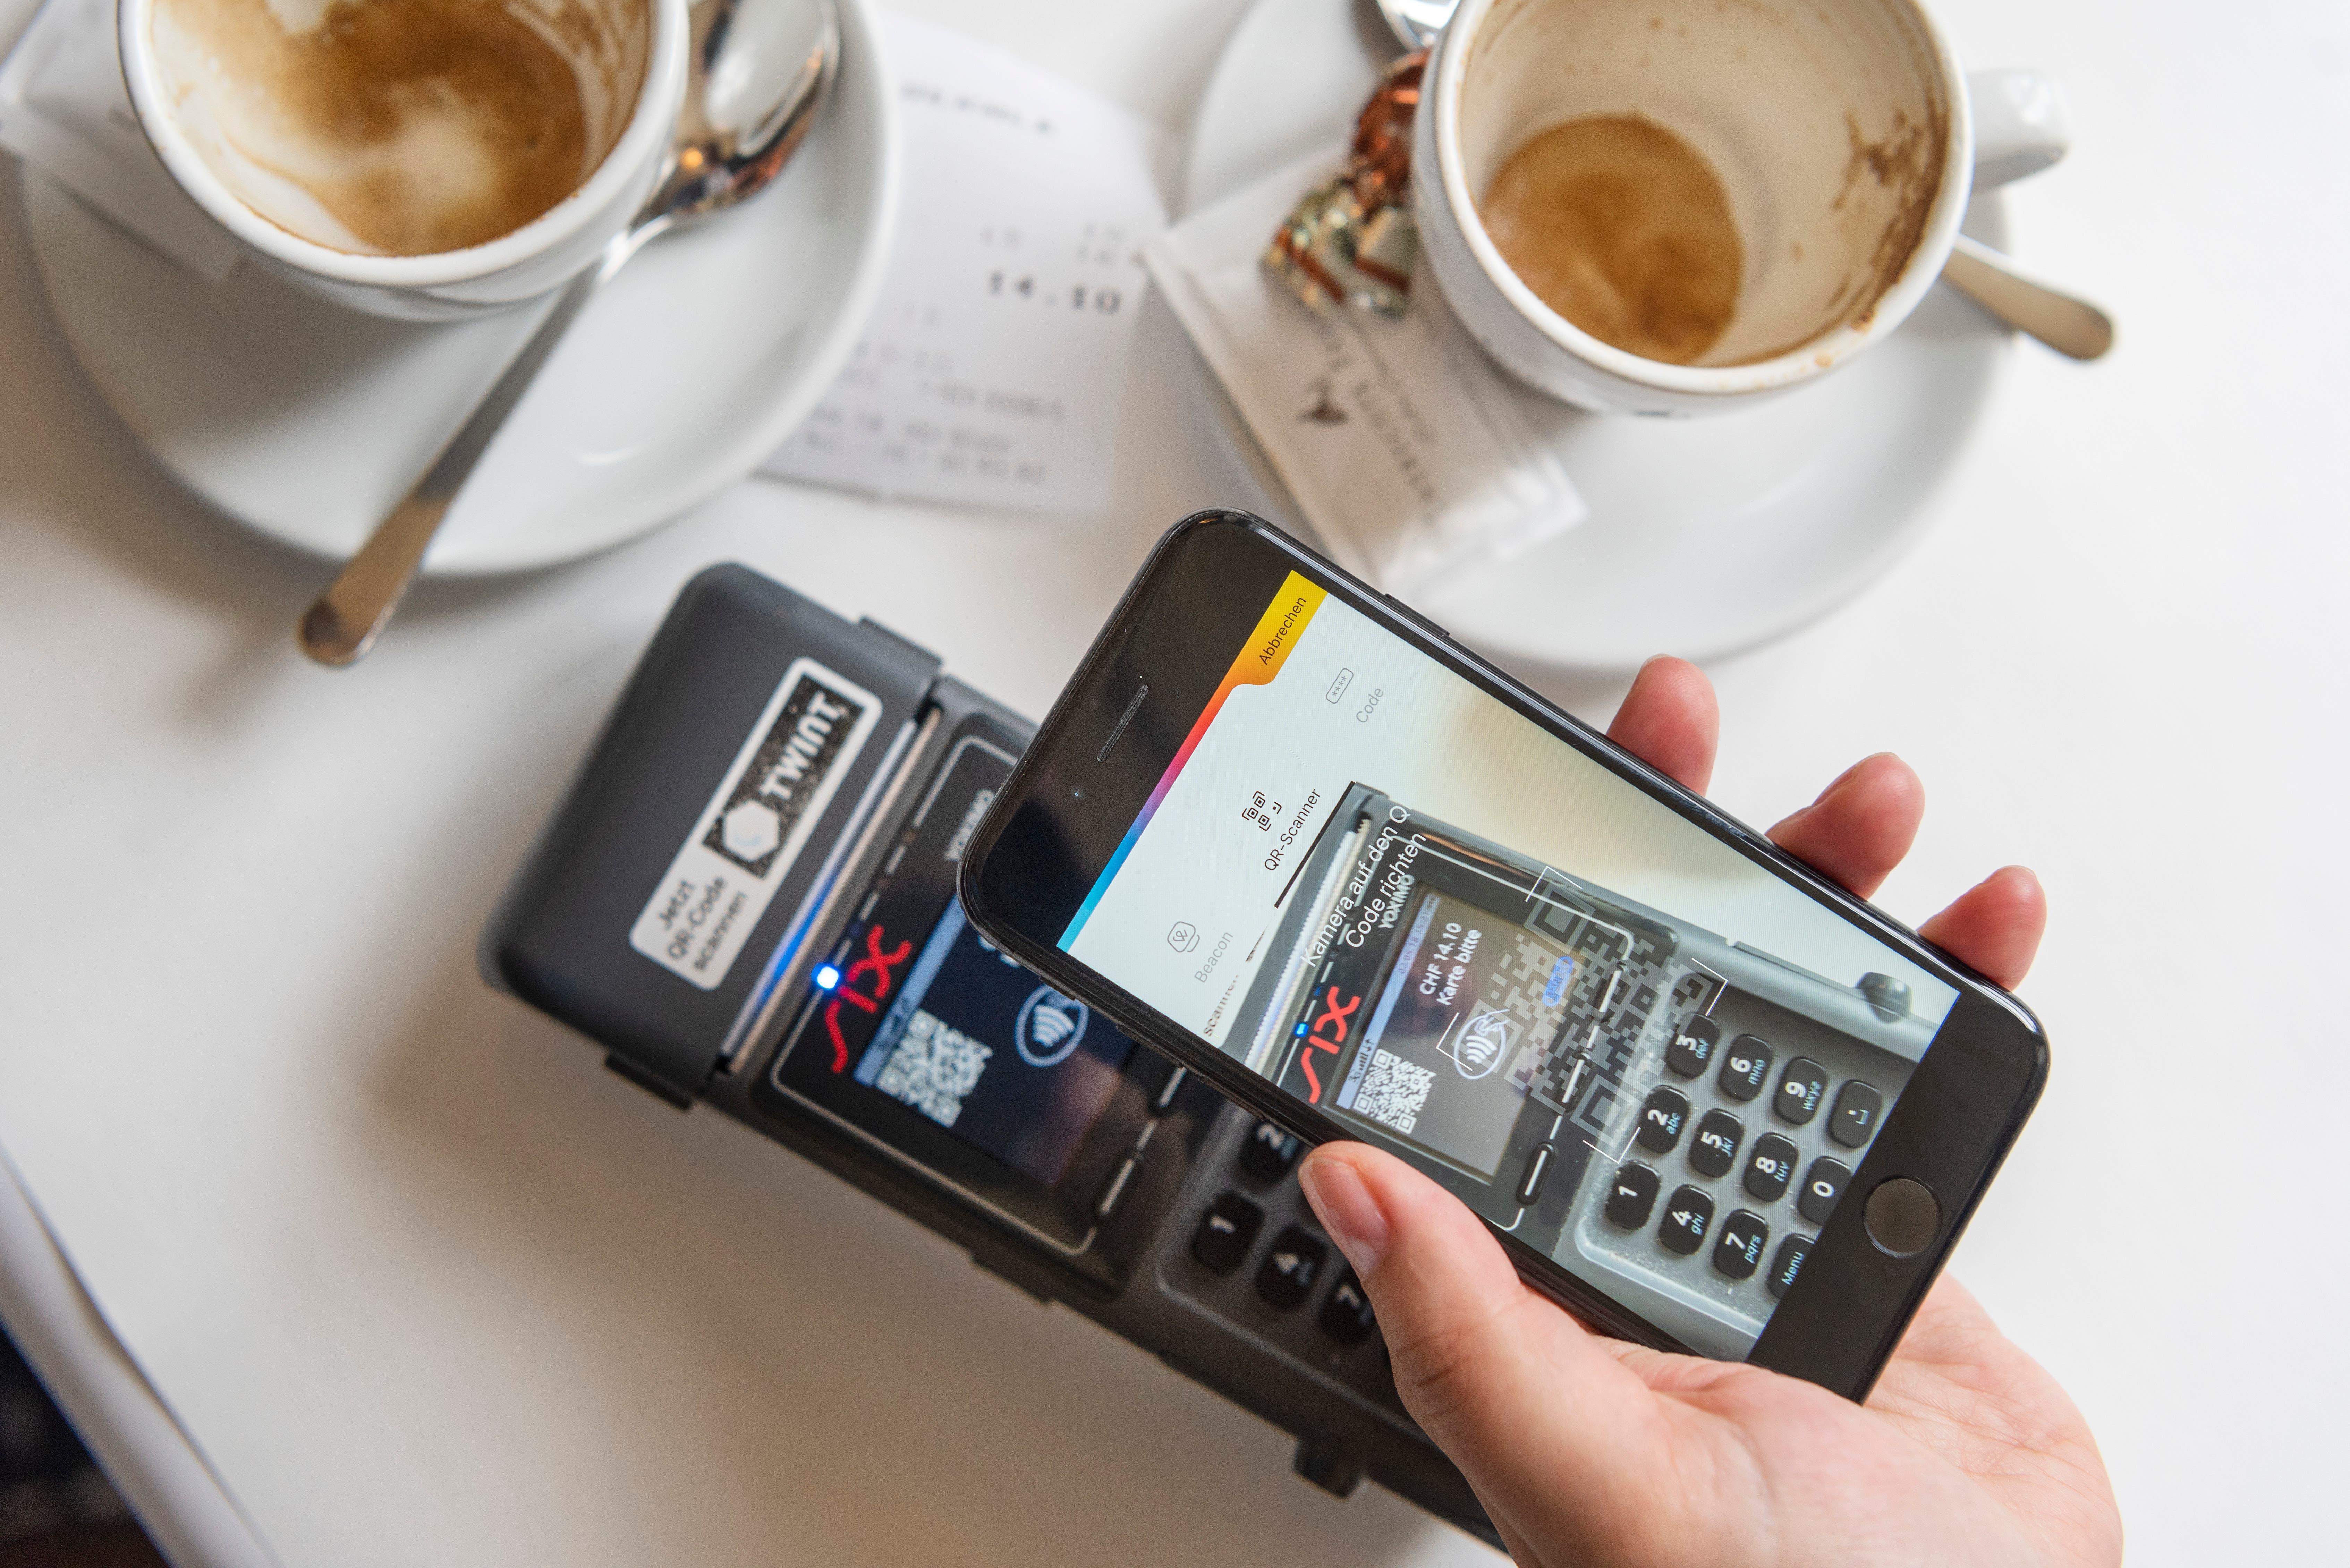 Die Wettbewerbskommission (Weko) nimmt Schweizer Finanzinstitute ins Visier wegen des mutmasslichen Boykotts mobiler Bezahllösungen wie Apple Pay und Samsung Pay. Sie hat deswegen eine Razzia bei den Grossbanken Credit Suisse und UBS, der Postfinance sowie den Kreditkartenfirmen Swisscard und Aduno durchgeführt. Bild: Christian Beutler/Keystone